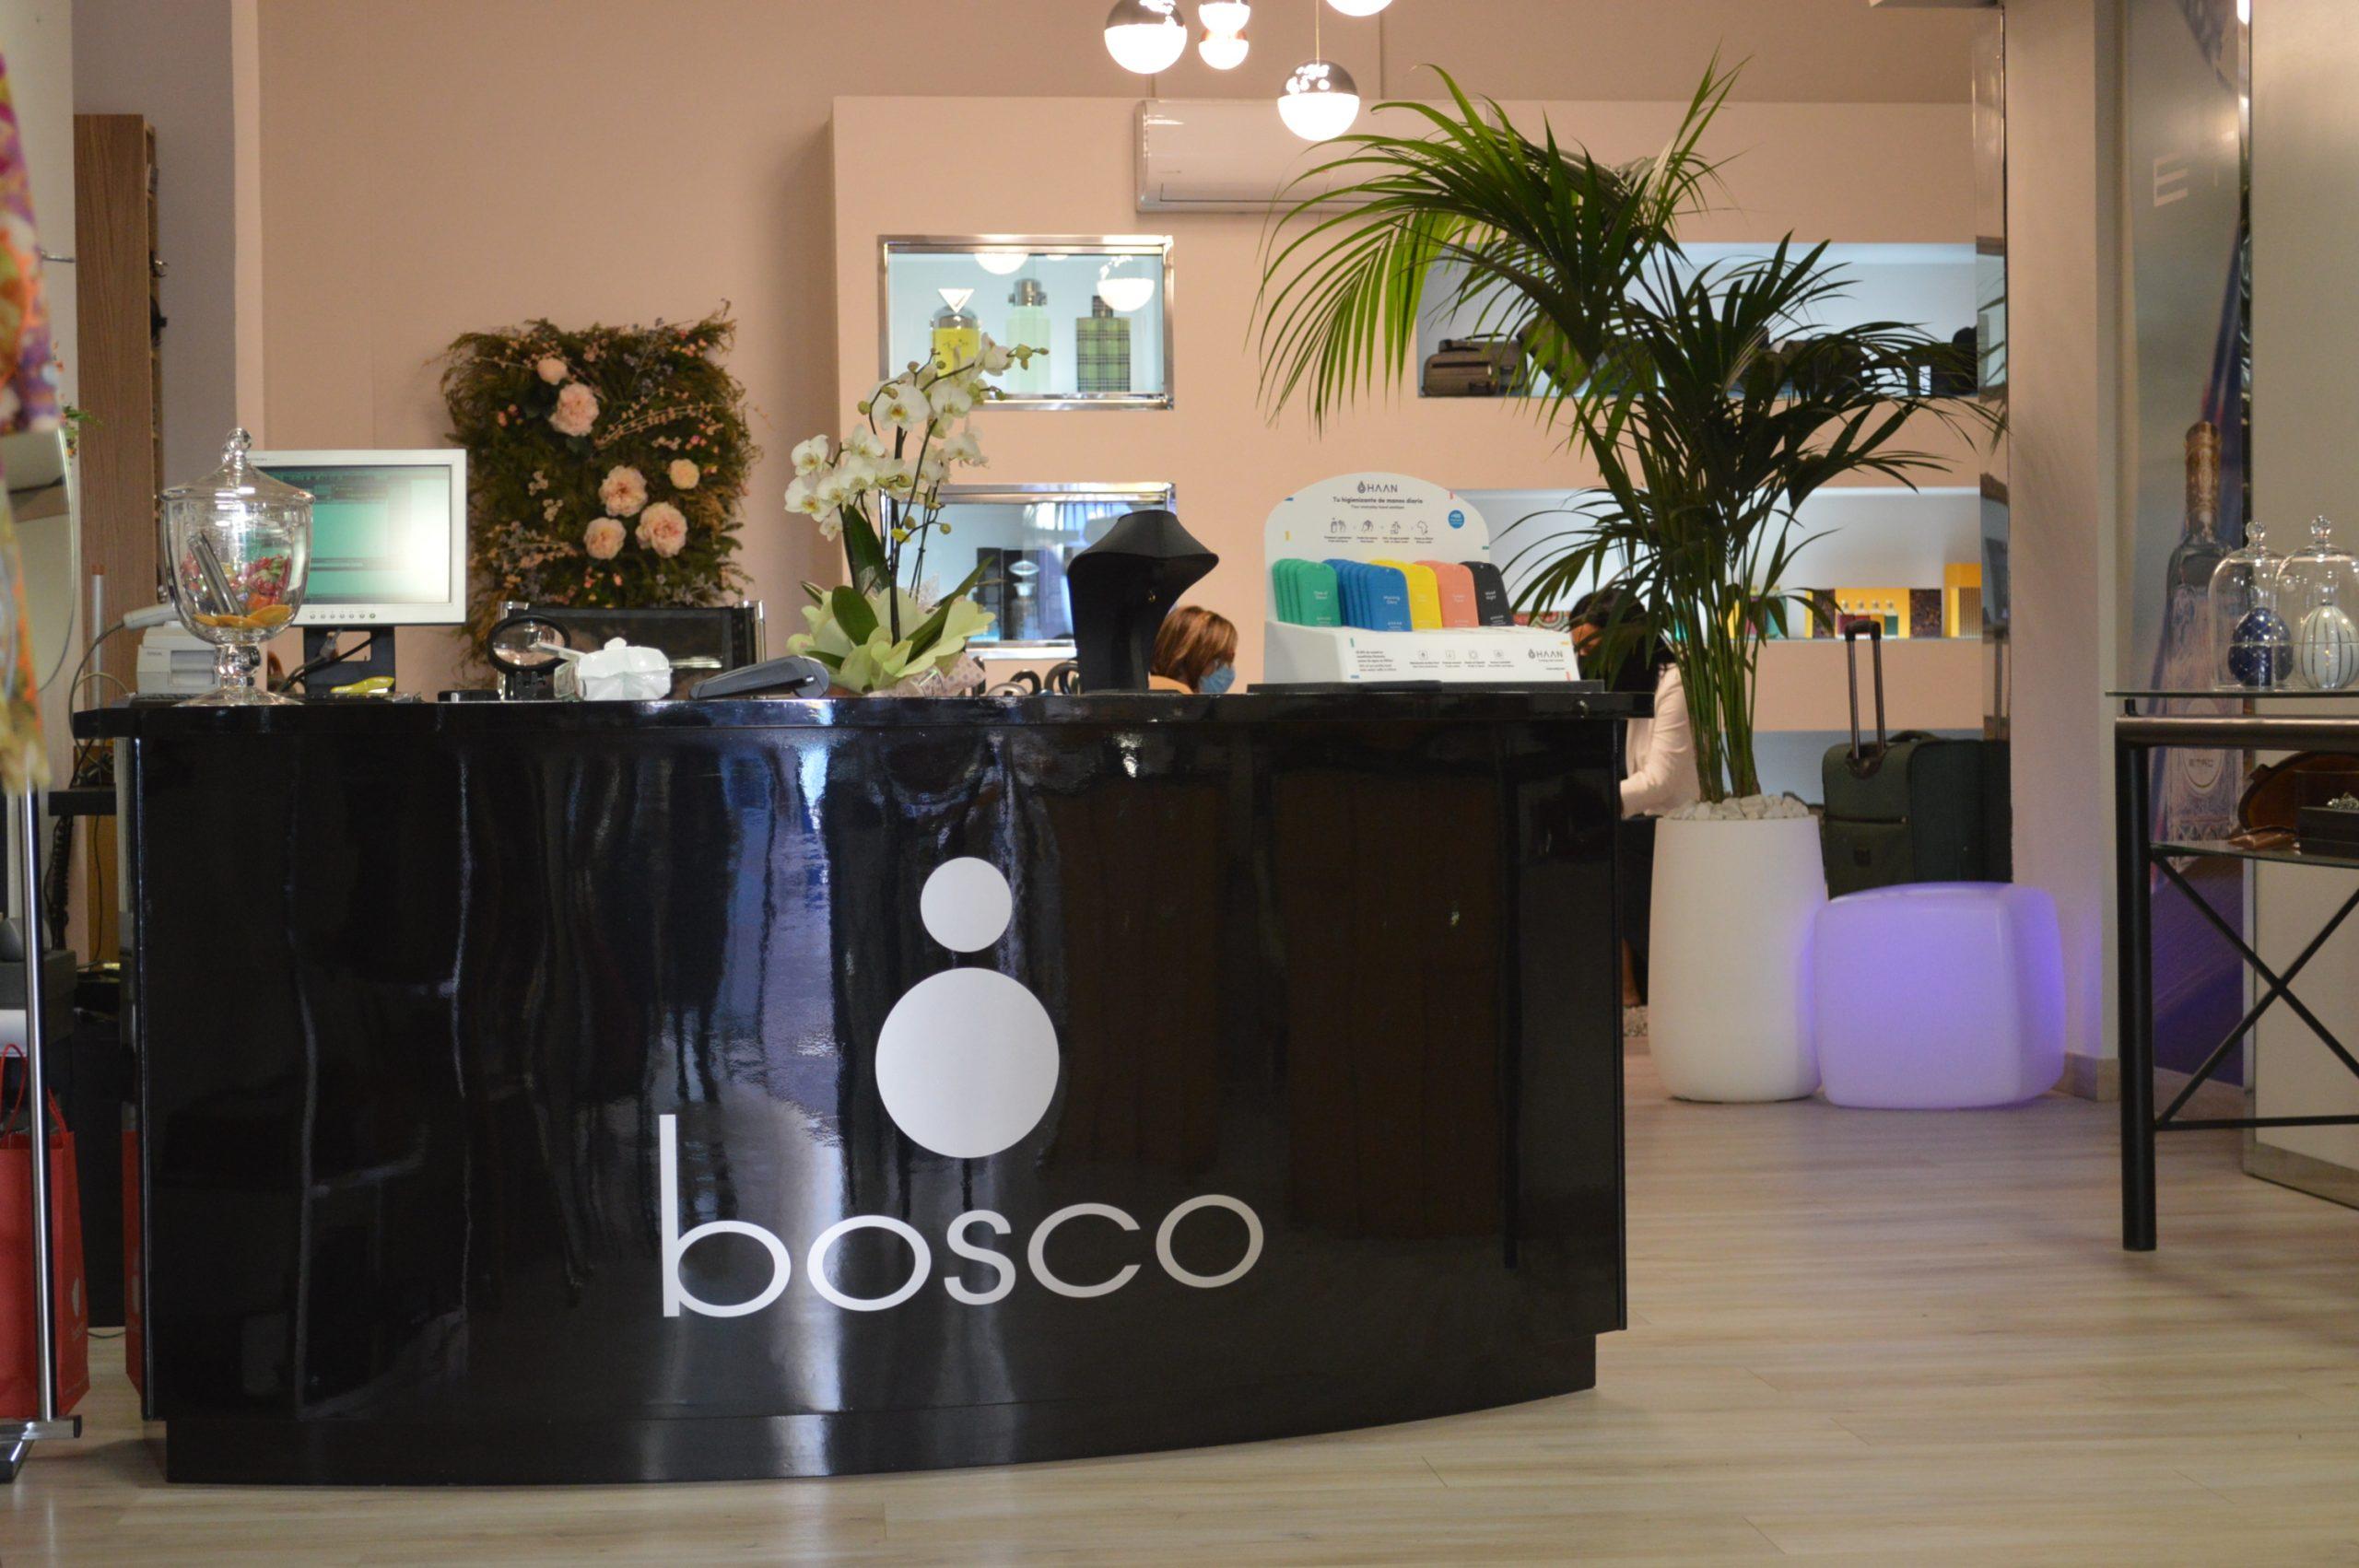 Bosco celebra su 20 aniversario con nueva ubicación en el centro de la ciudad 7